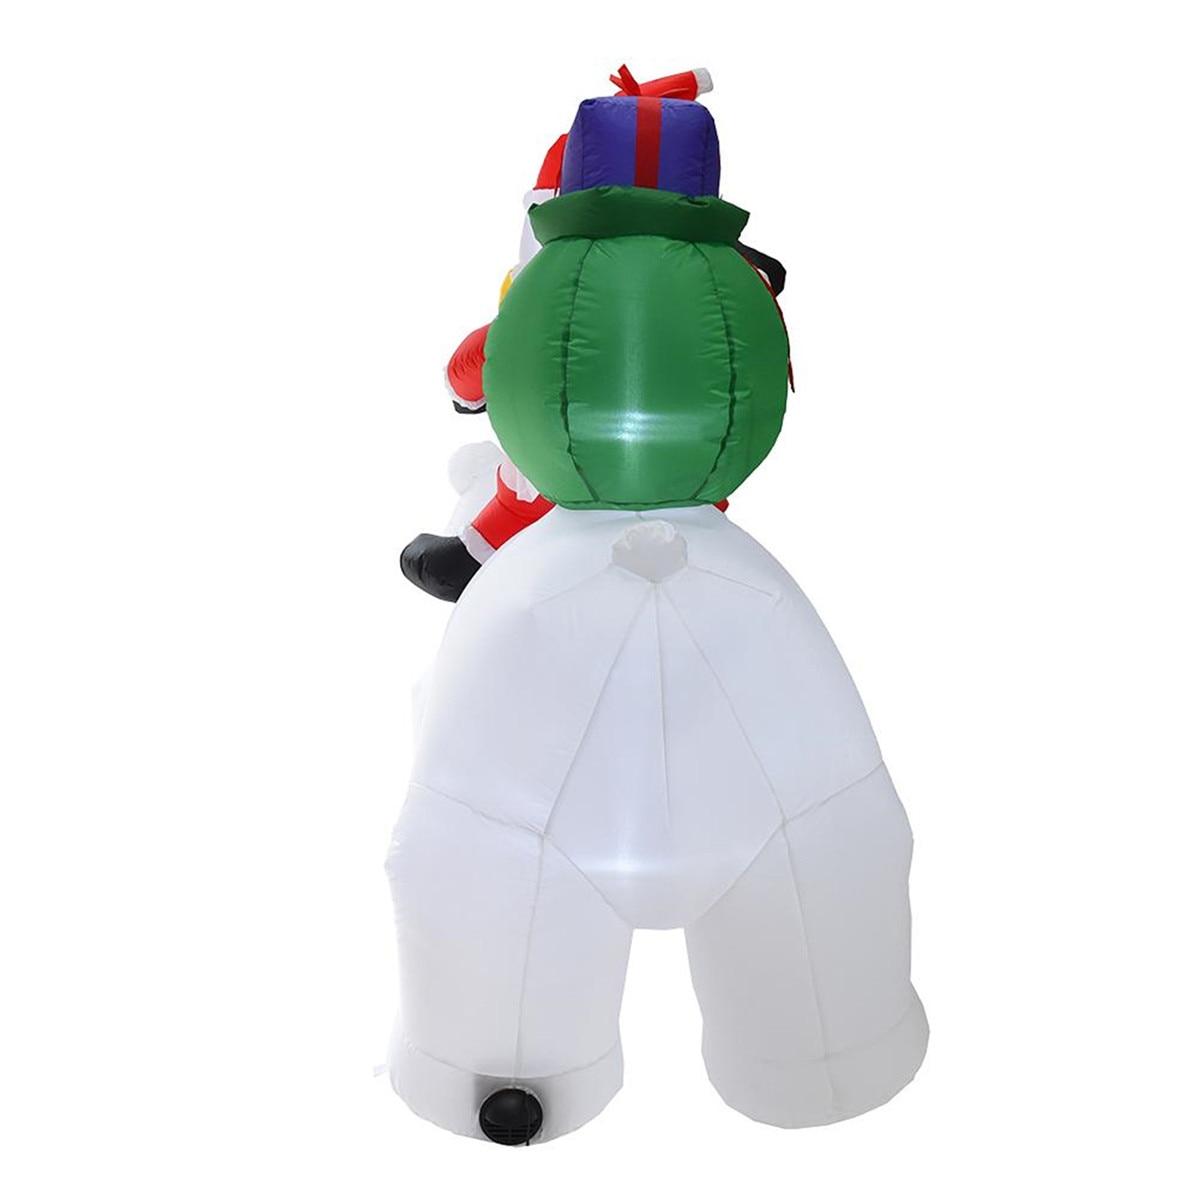 1.6m Kerstman Schoorsteen Opblaasbare Speelgoed Buiten Xmas Decor Boog Ornament Voor Kerstman EEN Kerst Kids Gift Decoraties - 6